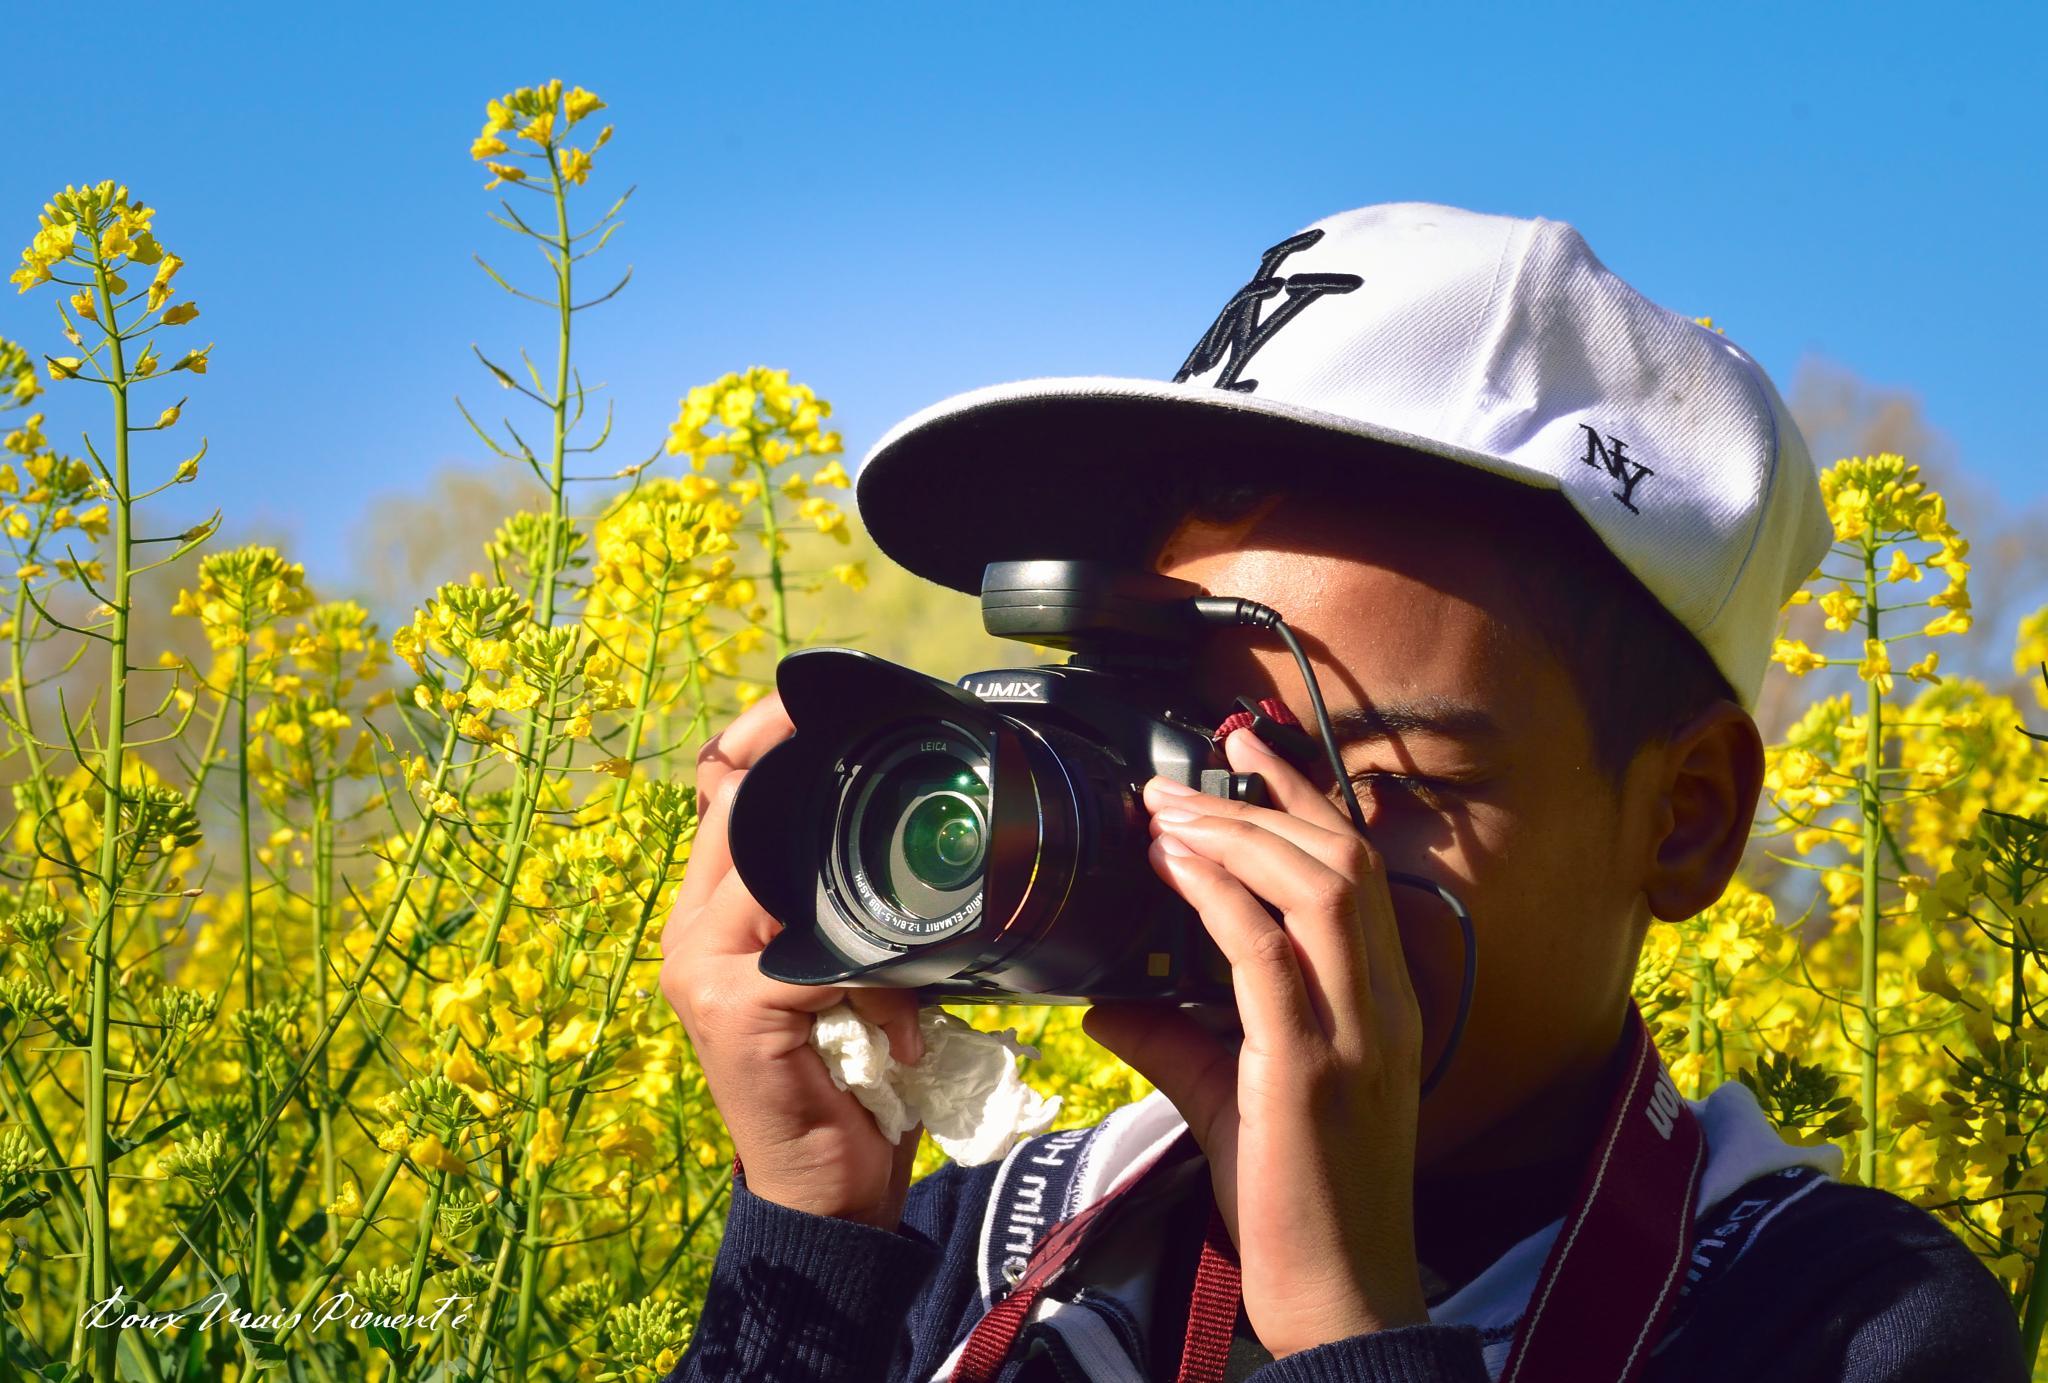 Mini DMP le chasseur d'images 2015 <3 by DMP le chasseur d'images-Photography